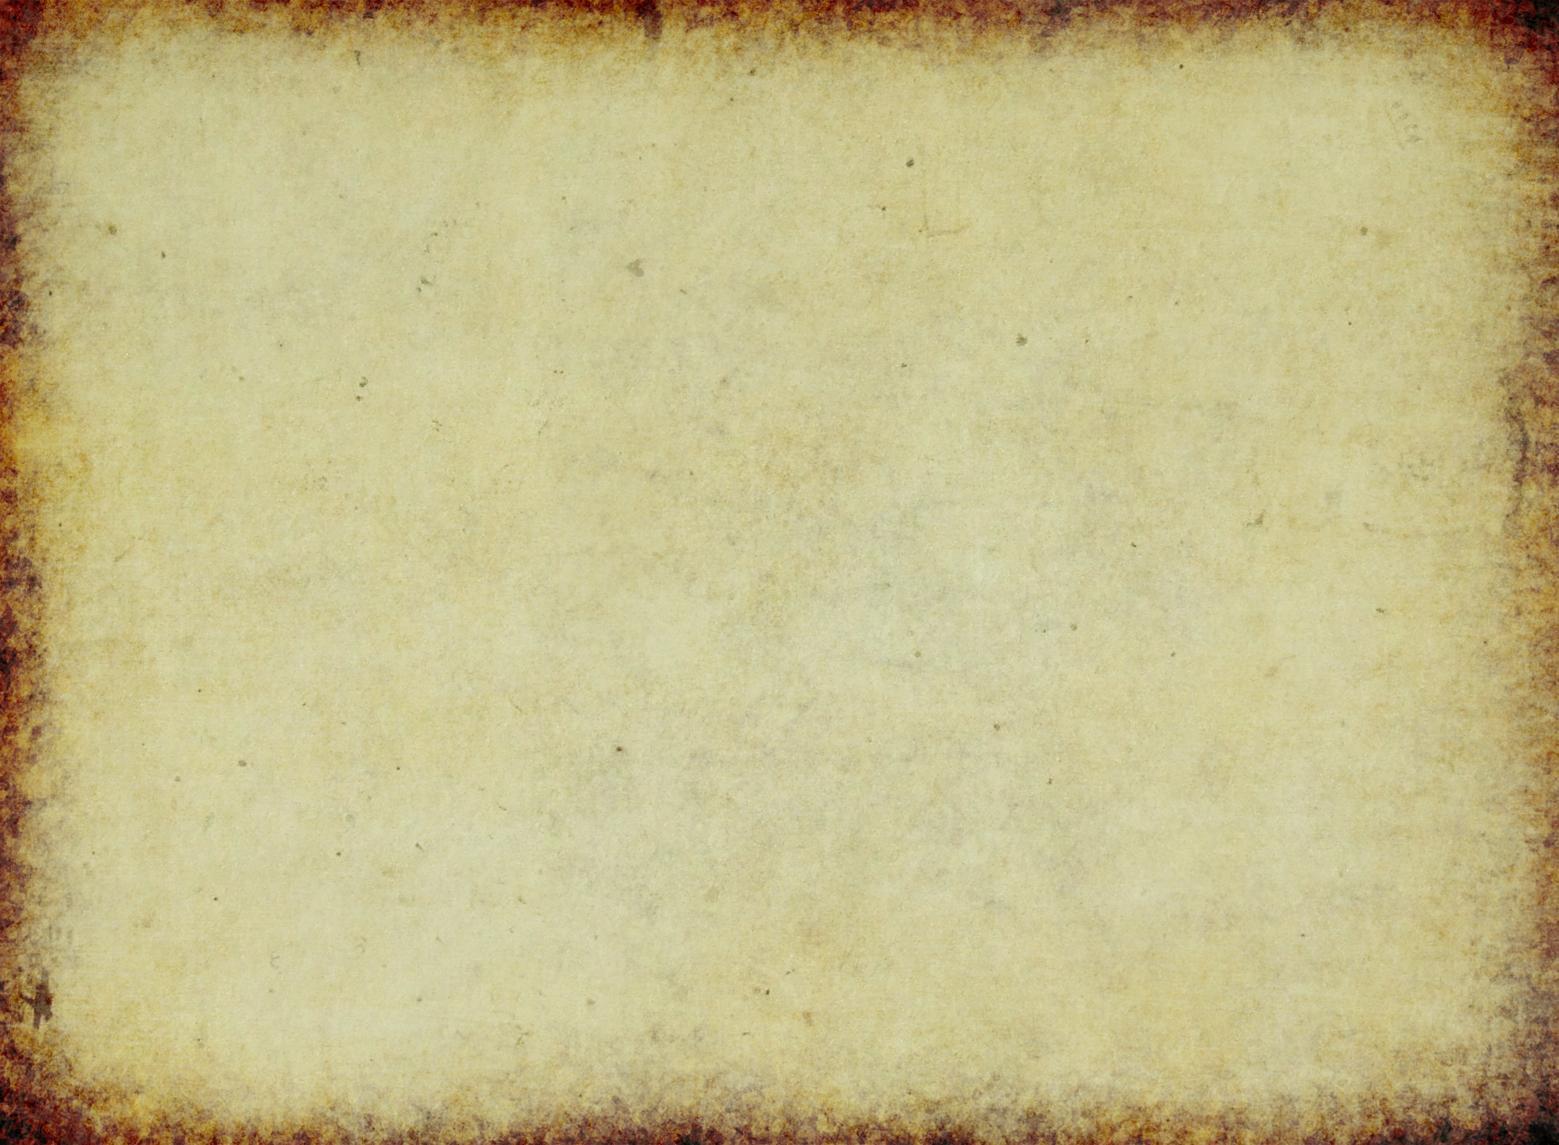 Background giấy cũ cổ điển